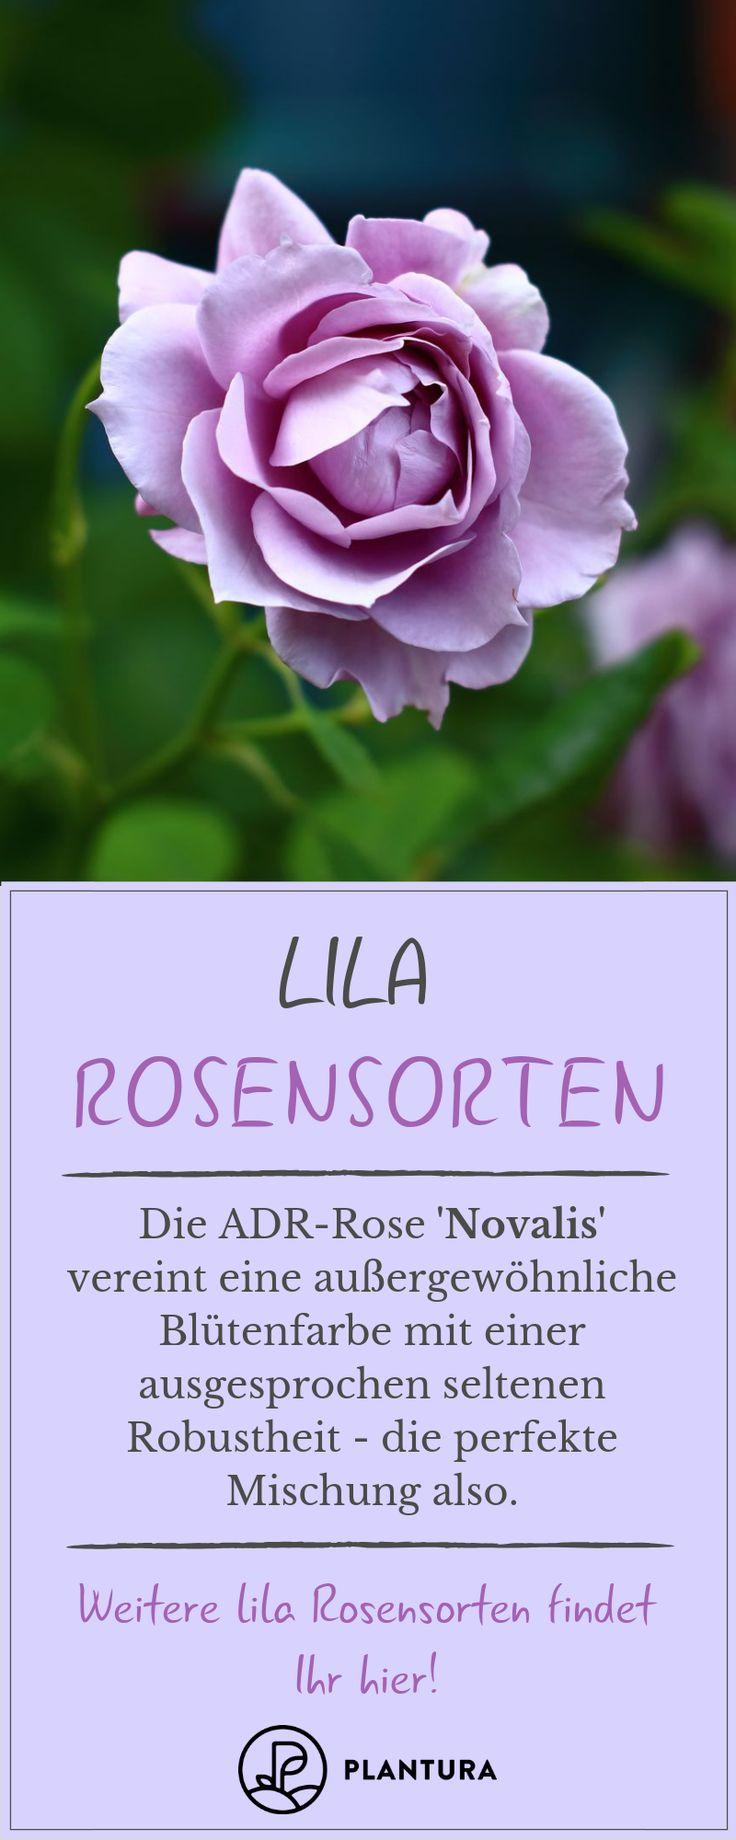 Lila Rosen: Die 5 schönsten Rosensorten von fliederfarben bis violett